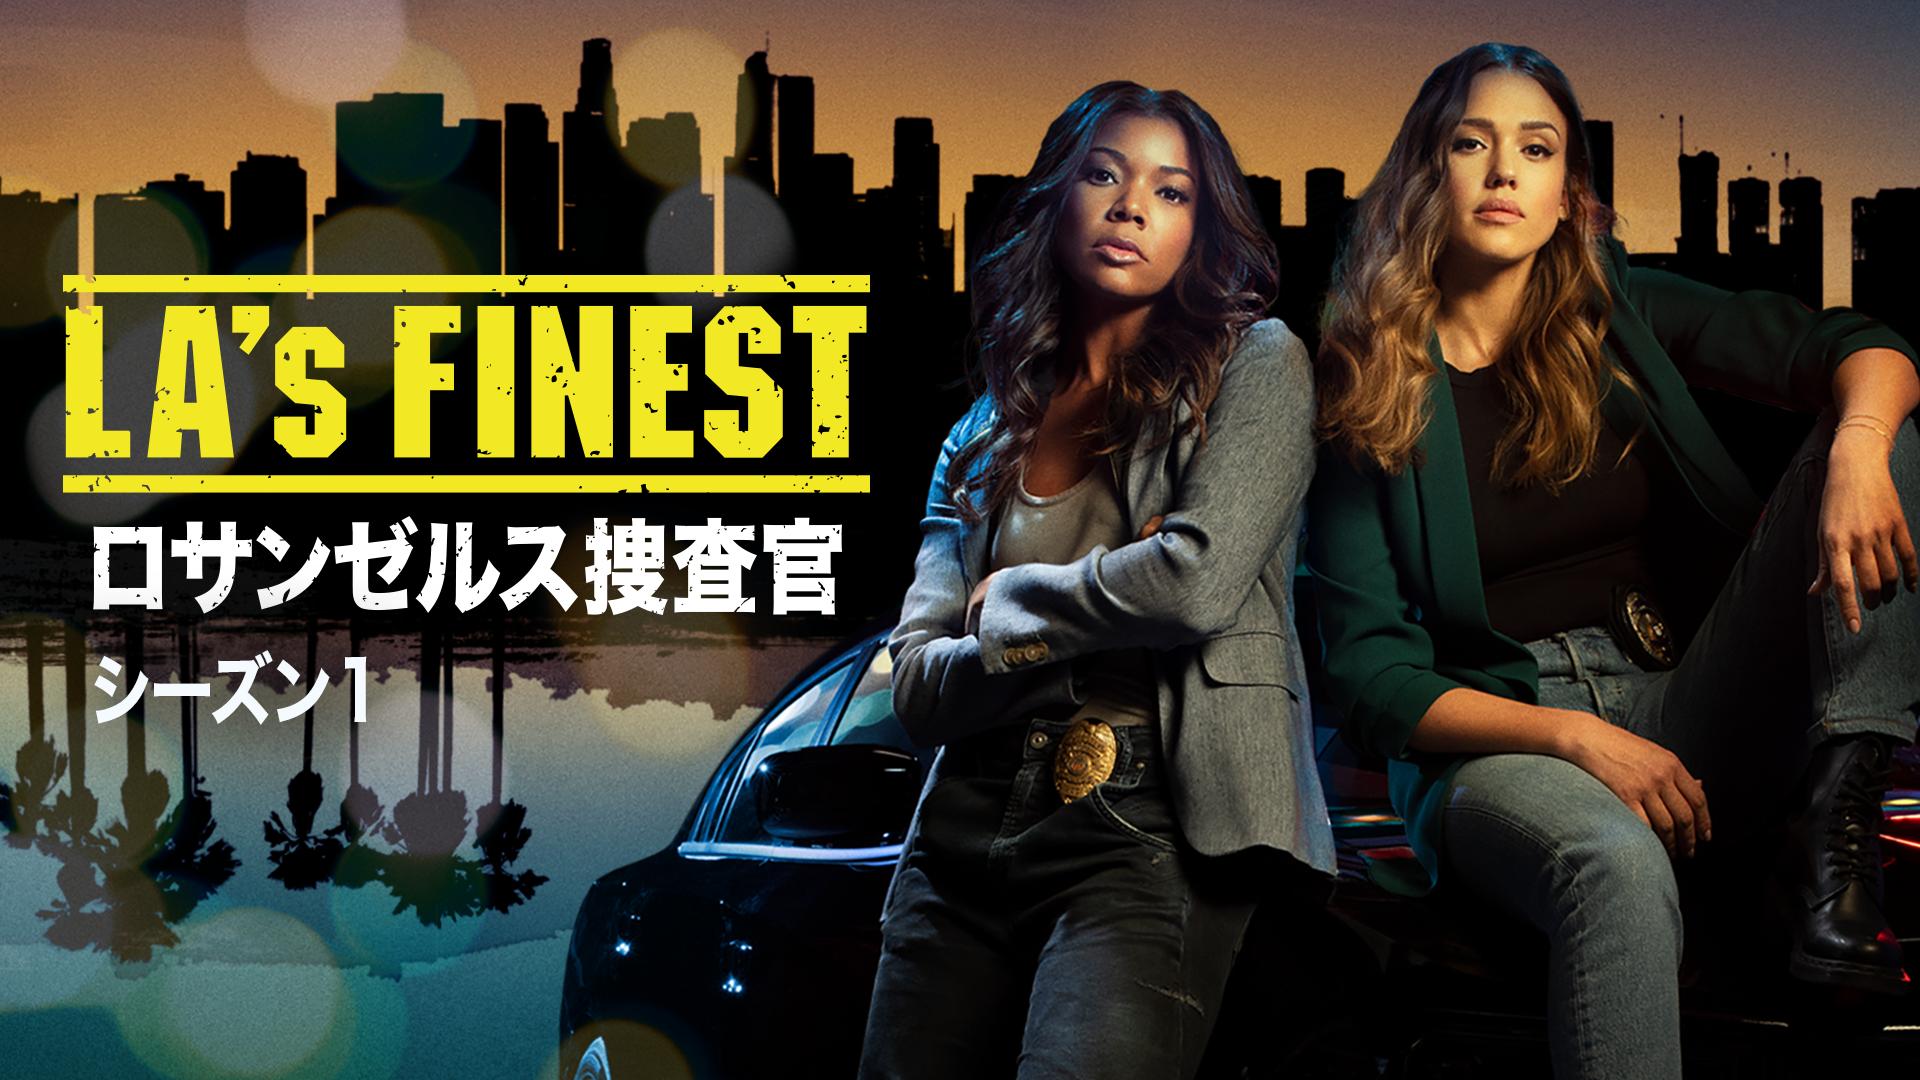 海外ドラマ『LA's FINEST/ロサンゼルス捜査官』無料動画!フル視聴できる動画配信サービスまとめ!